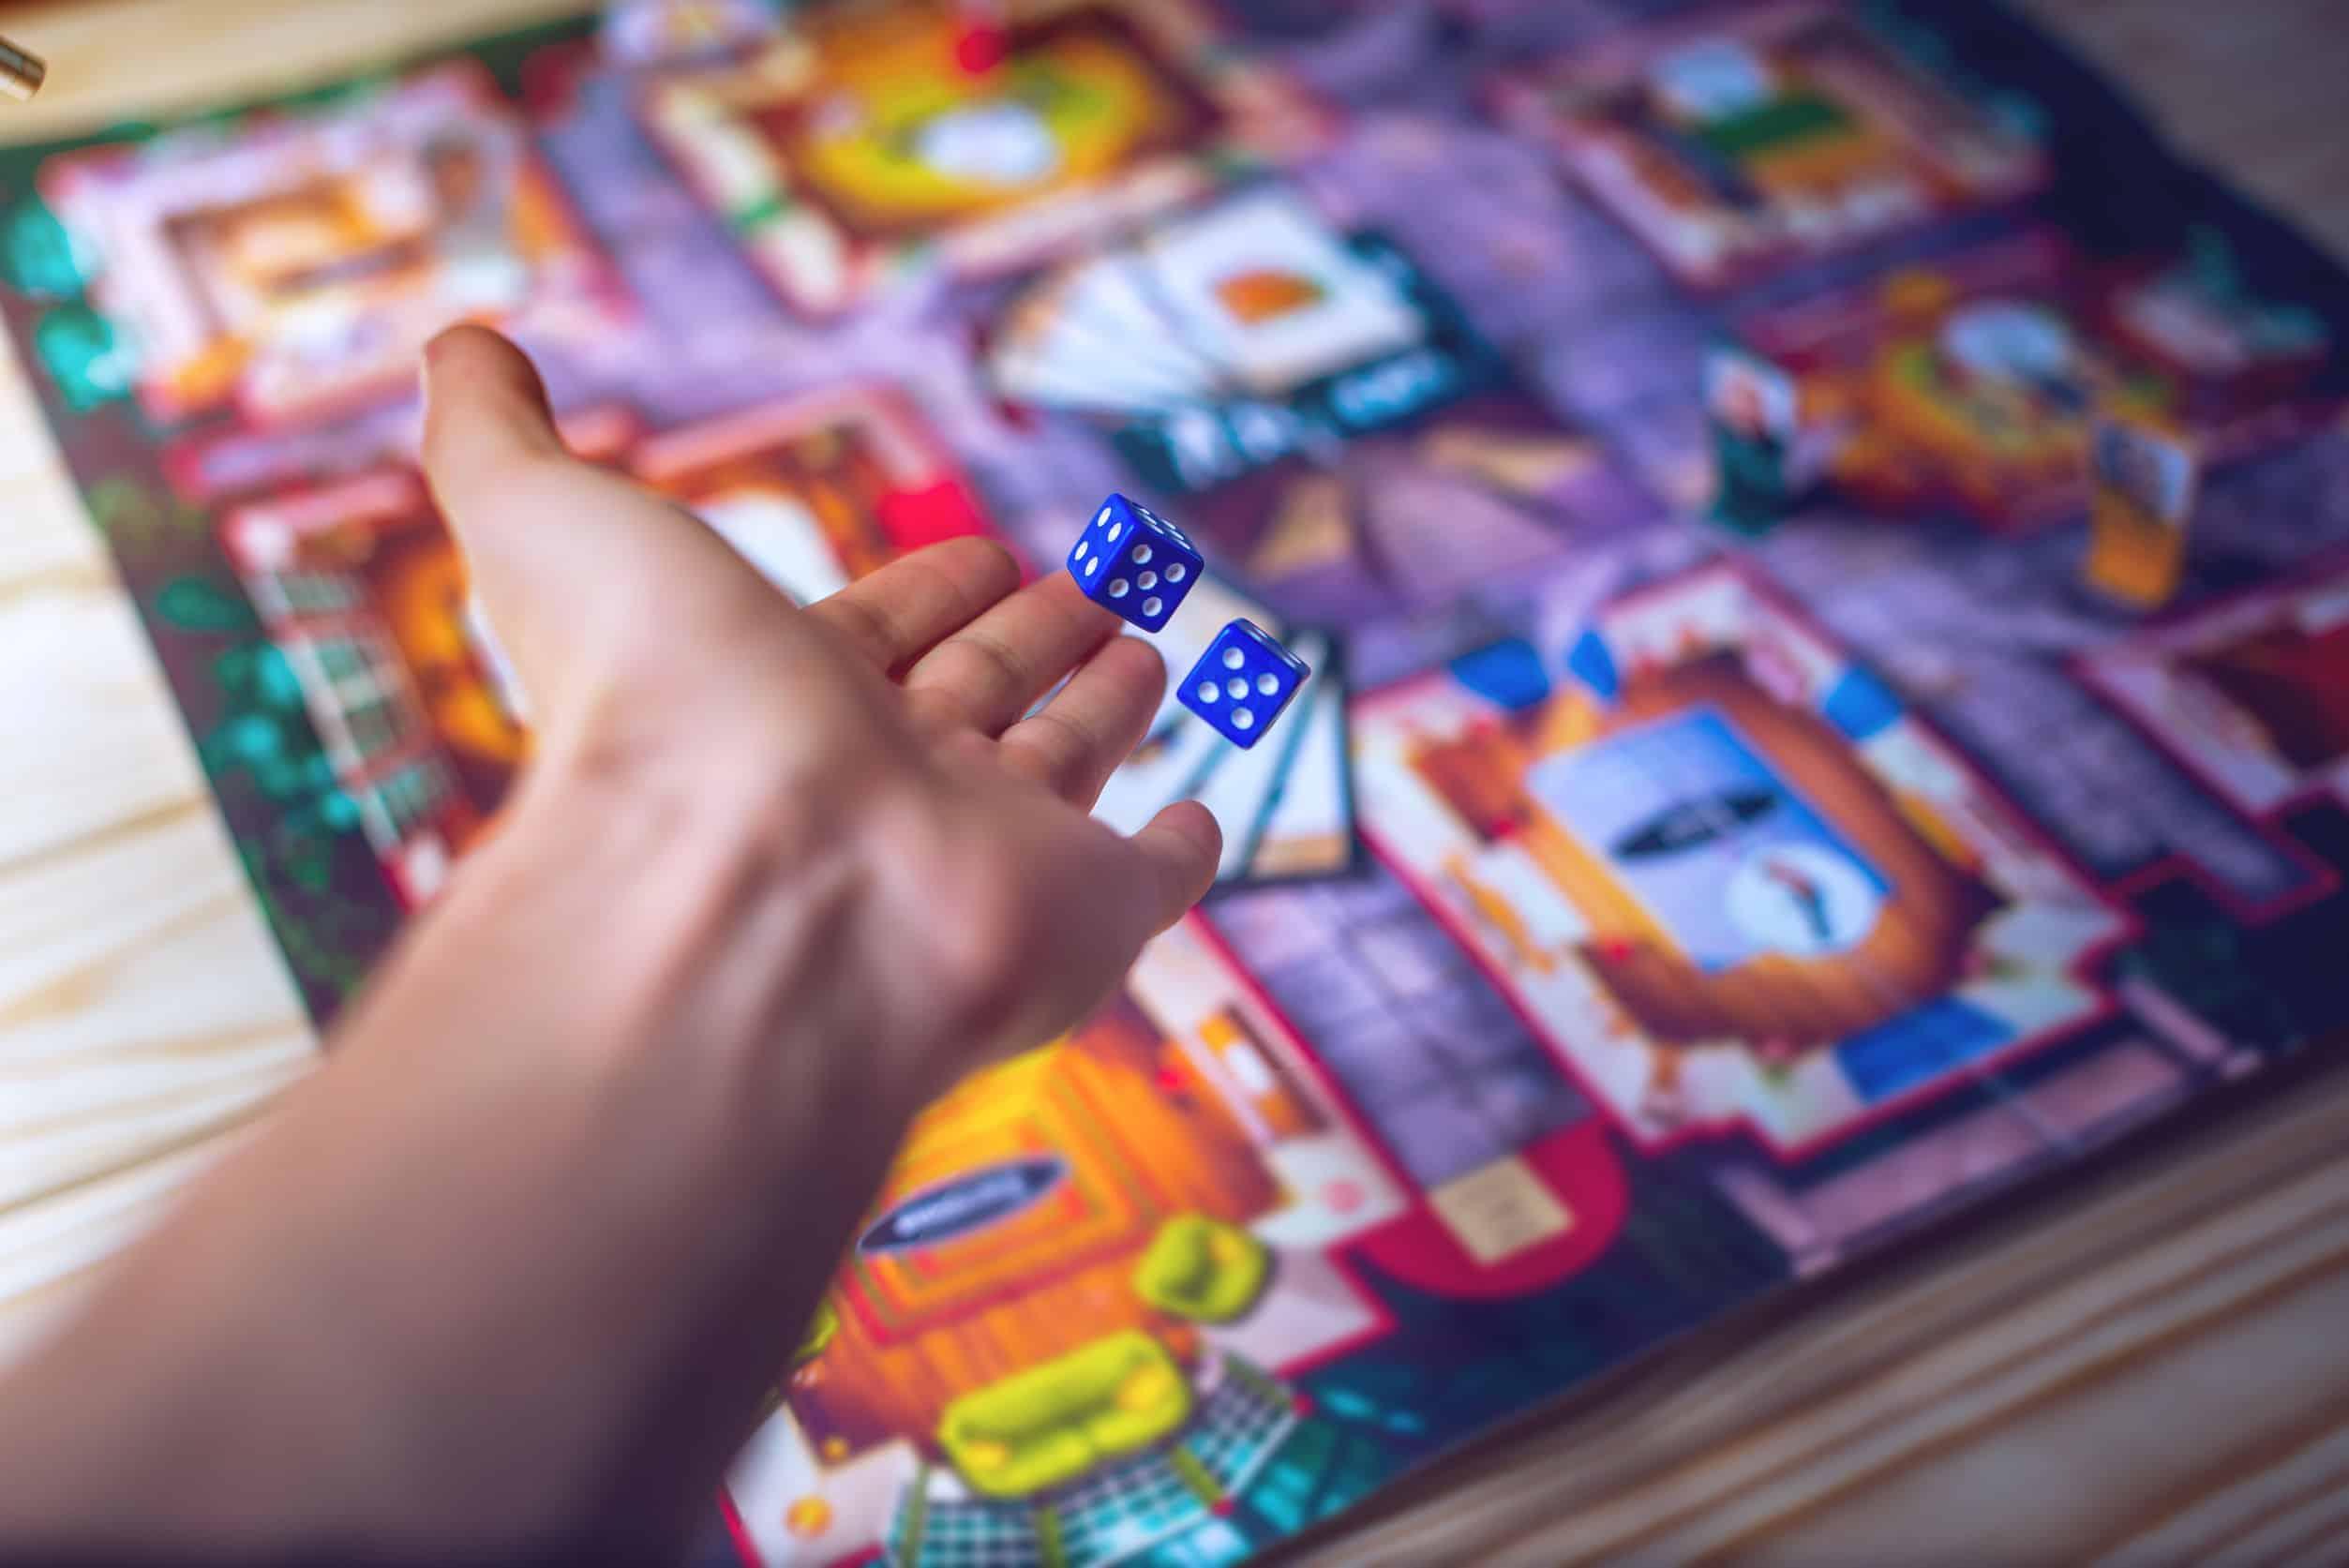 Juegos de mesa: ¿Cuál es el mejor del 2021?